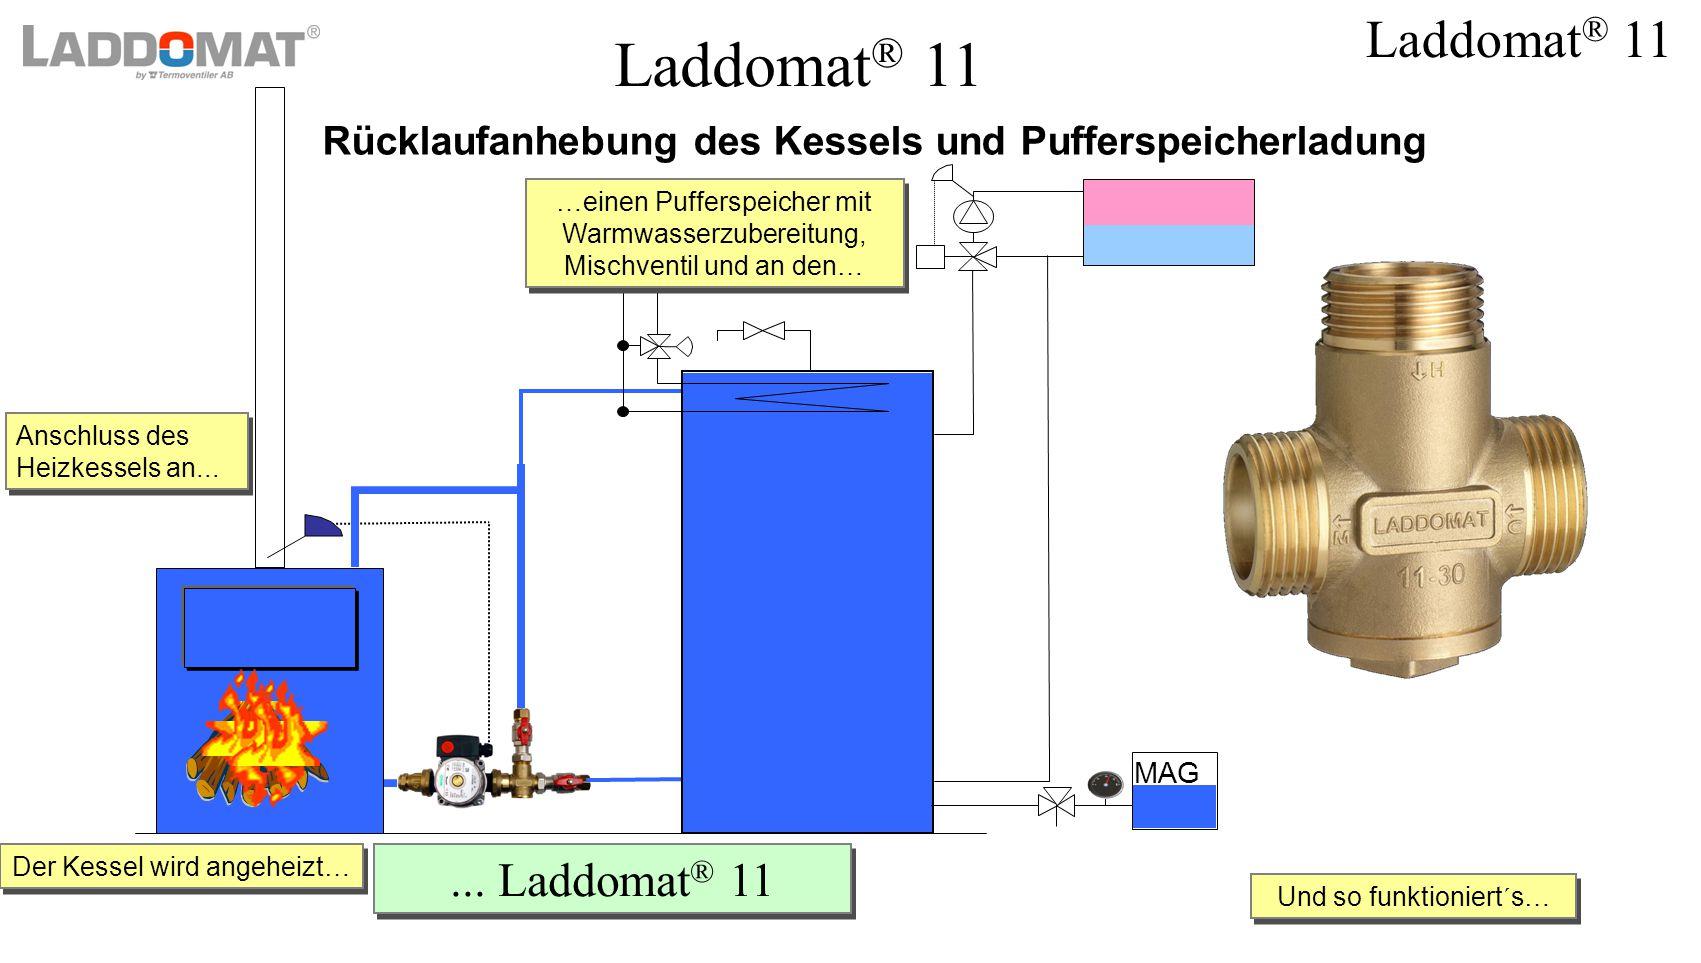 Laddomat ® 11 MAG Und so funktioniert´s… Und so funktioniert´s… Laddomat ® 11 Rücklaufanhebung des Kessels und Pufferspeicherladung... Laddomat ® 11..